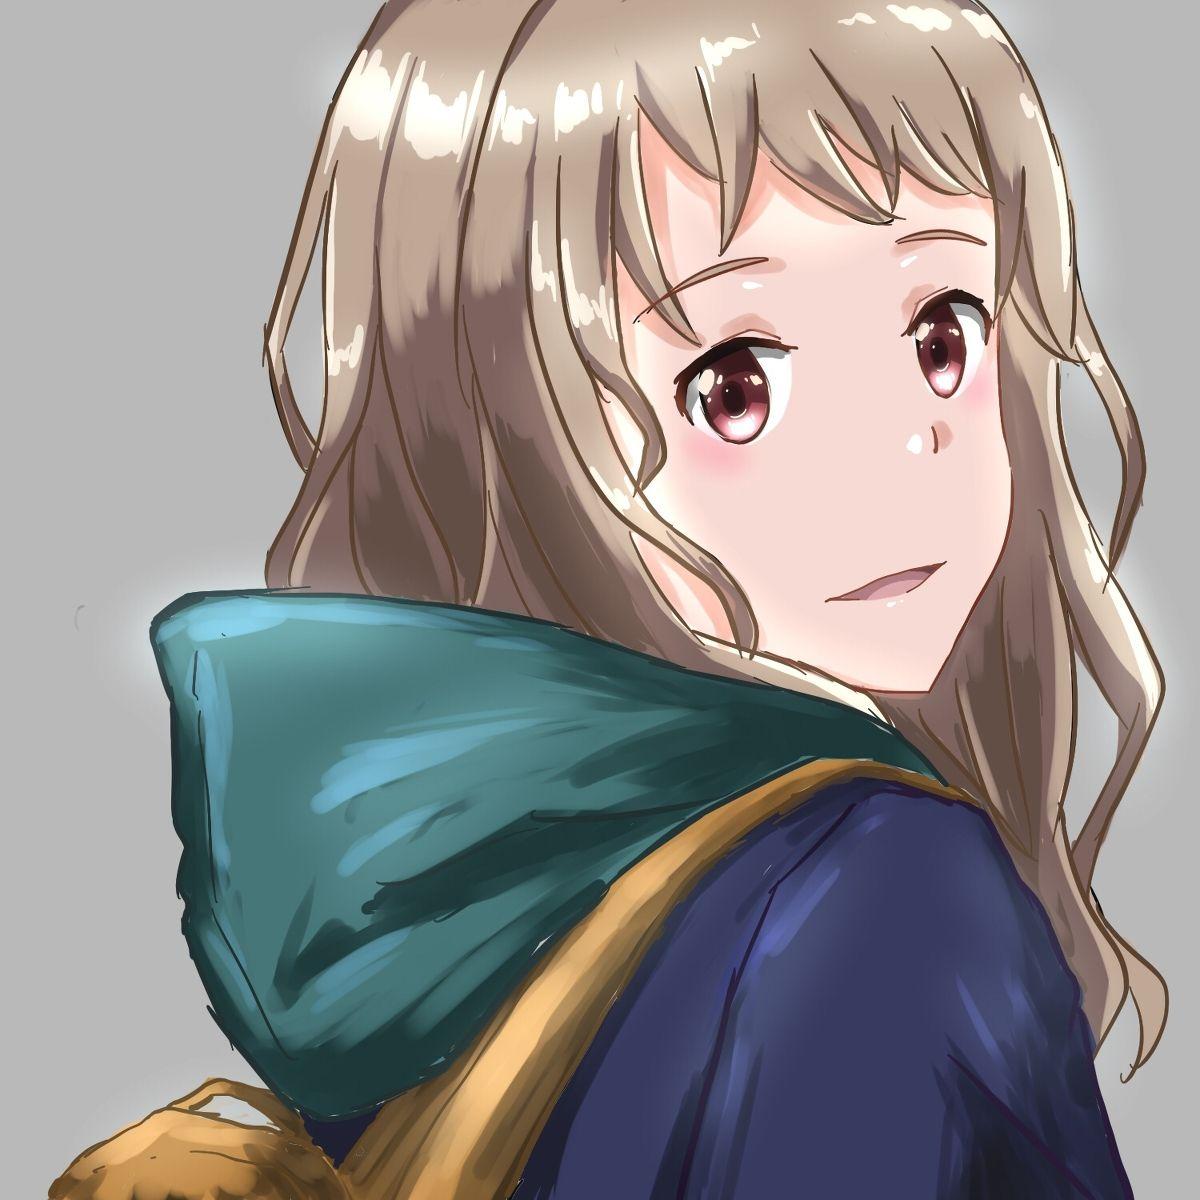 Pin by Kirā on [ WEBTOON ] (≧ ≦) Anime, Webtoon, Kawaii